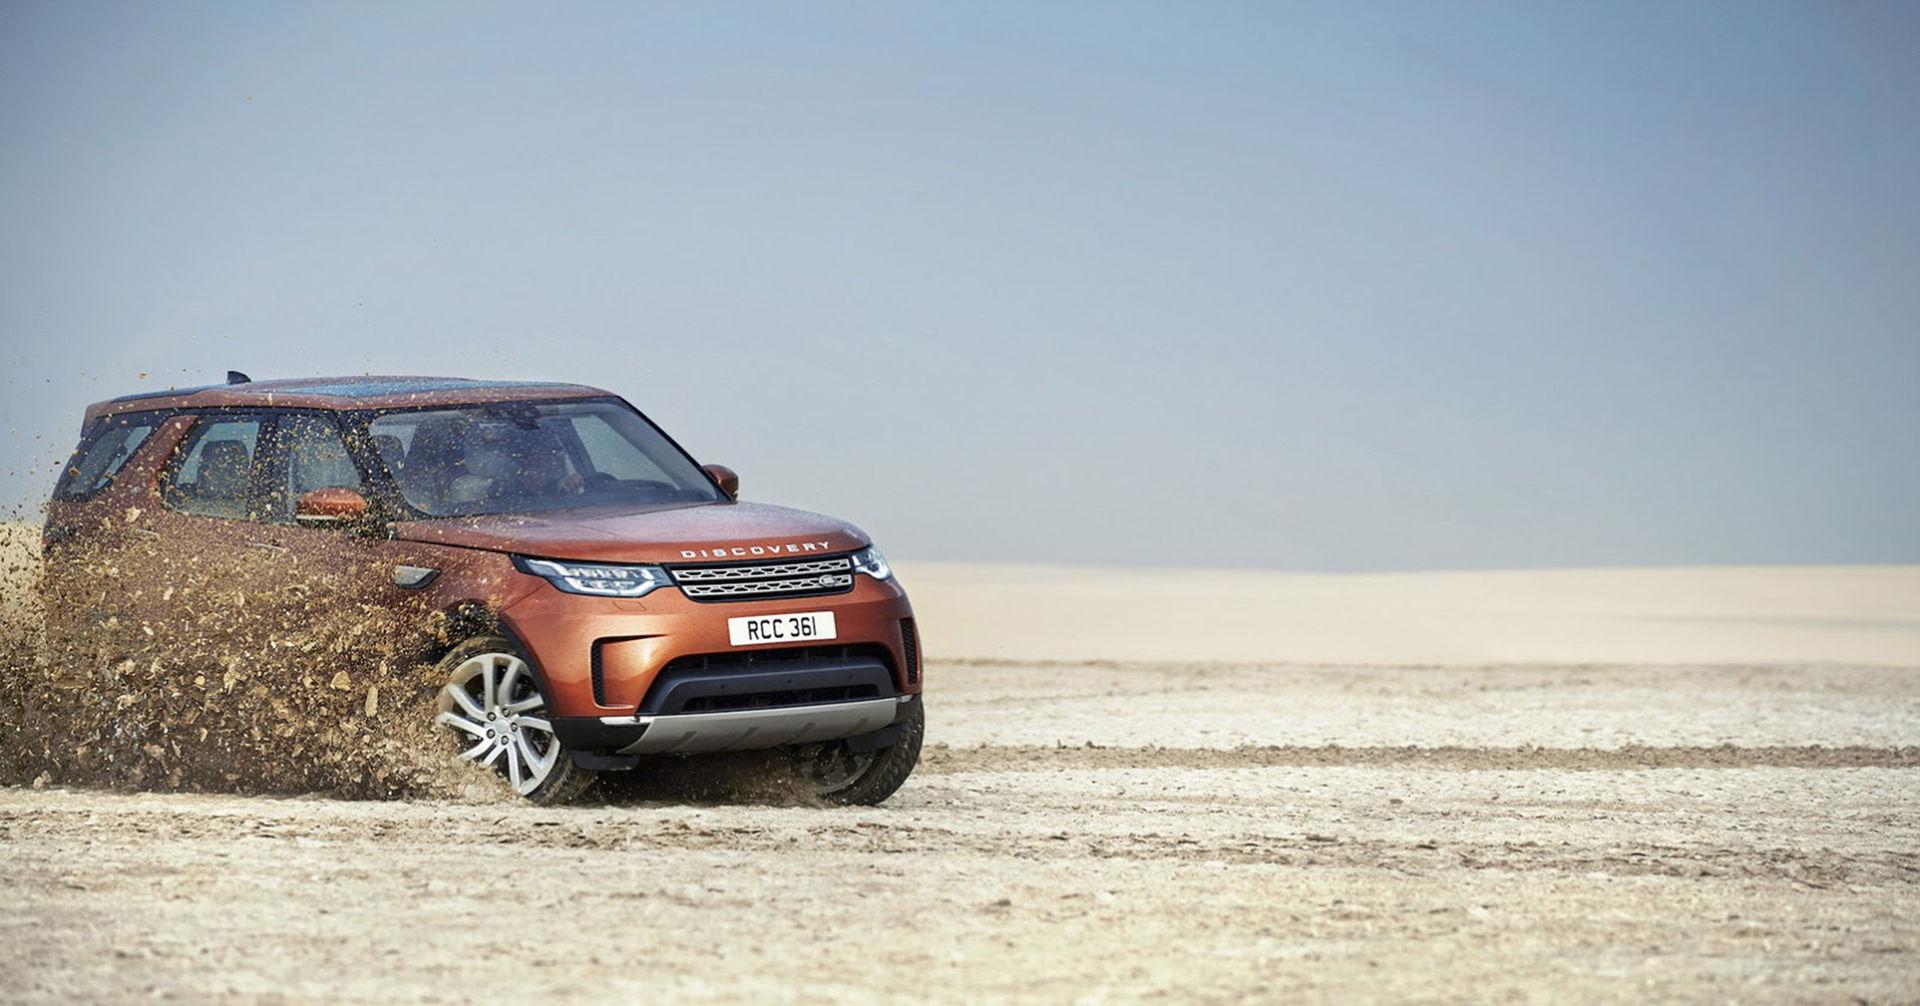 Nya Land Rover Discovery är här på riktigt